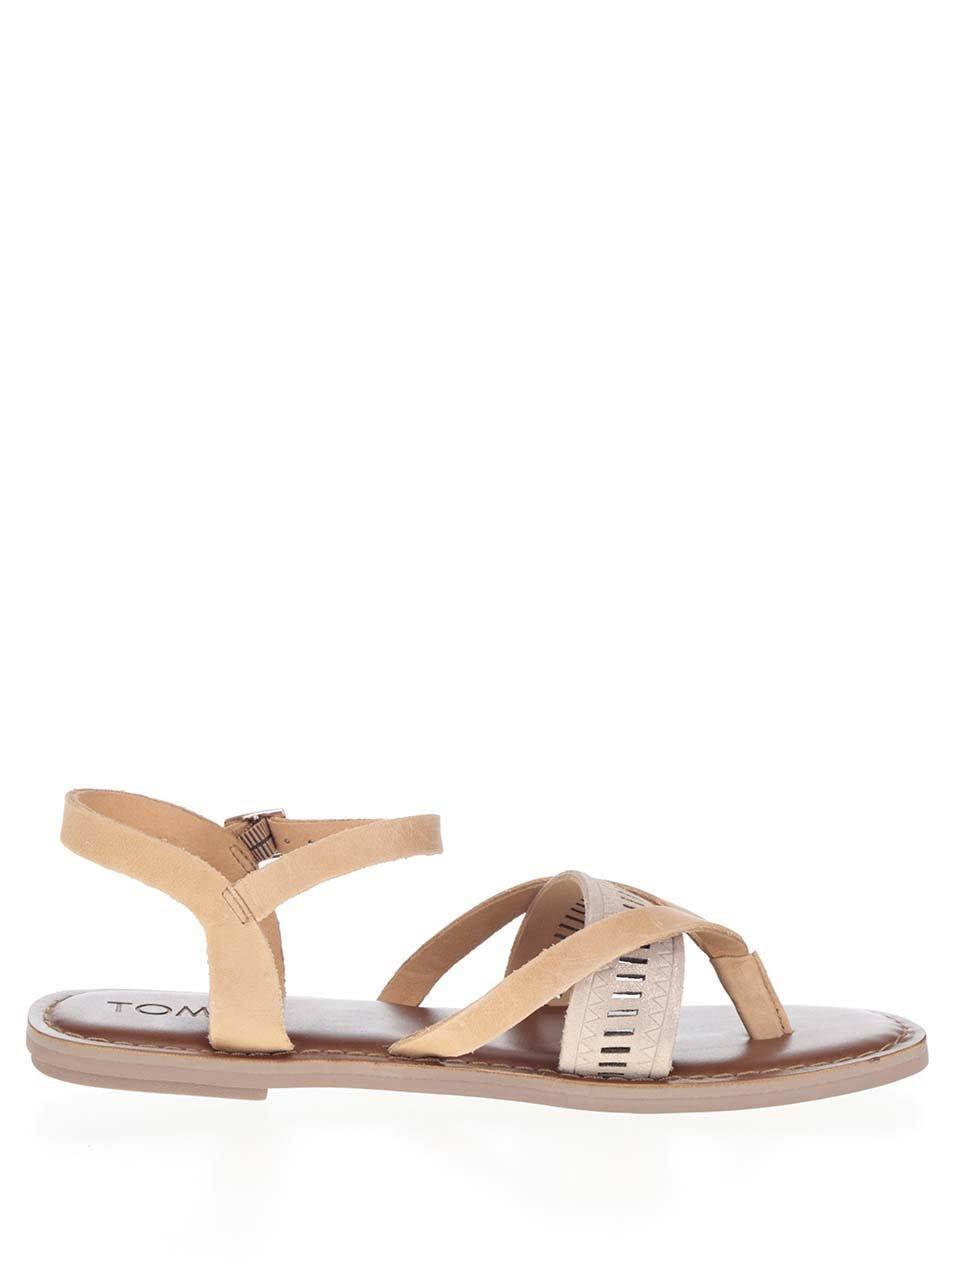 Hnědé kožené dámské sandály TOMS ... d09172bd6e